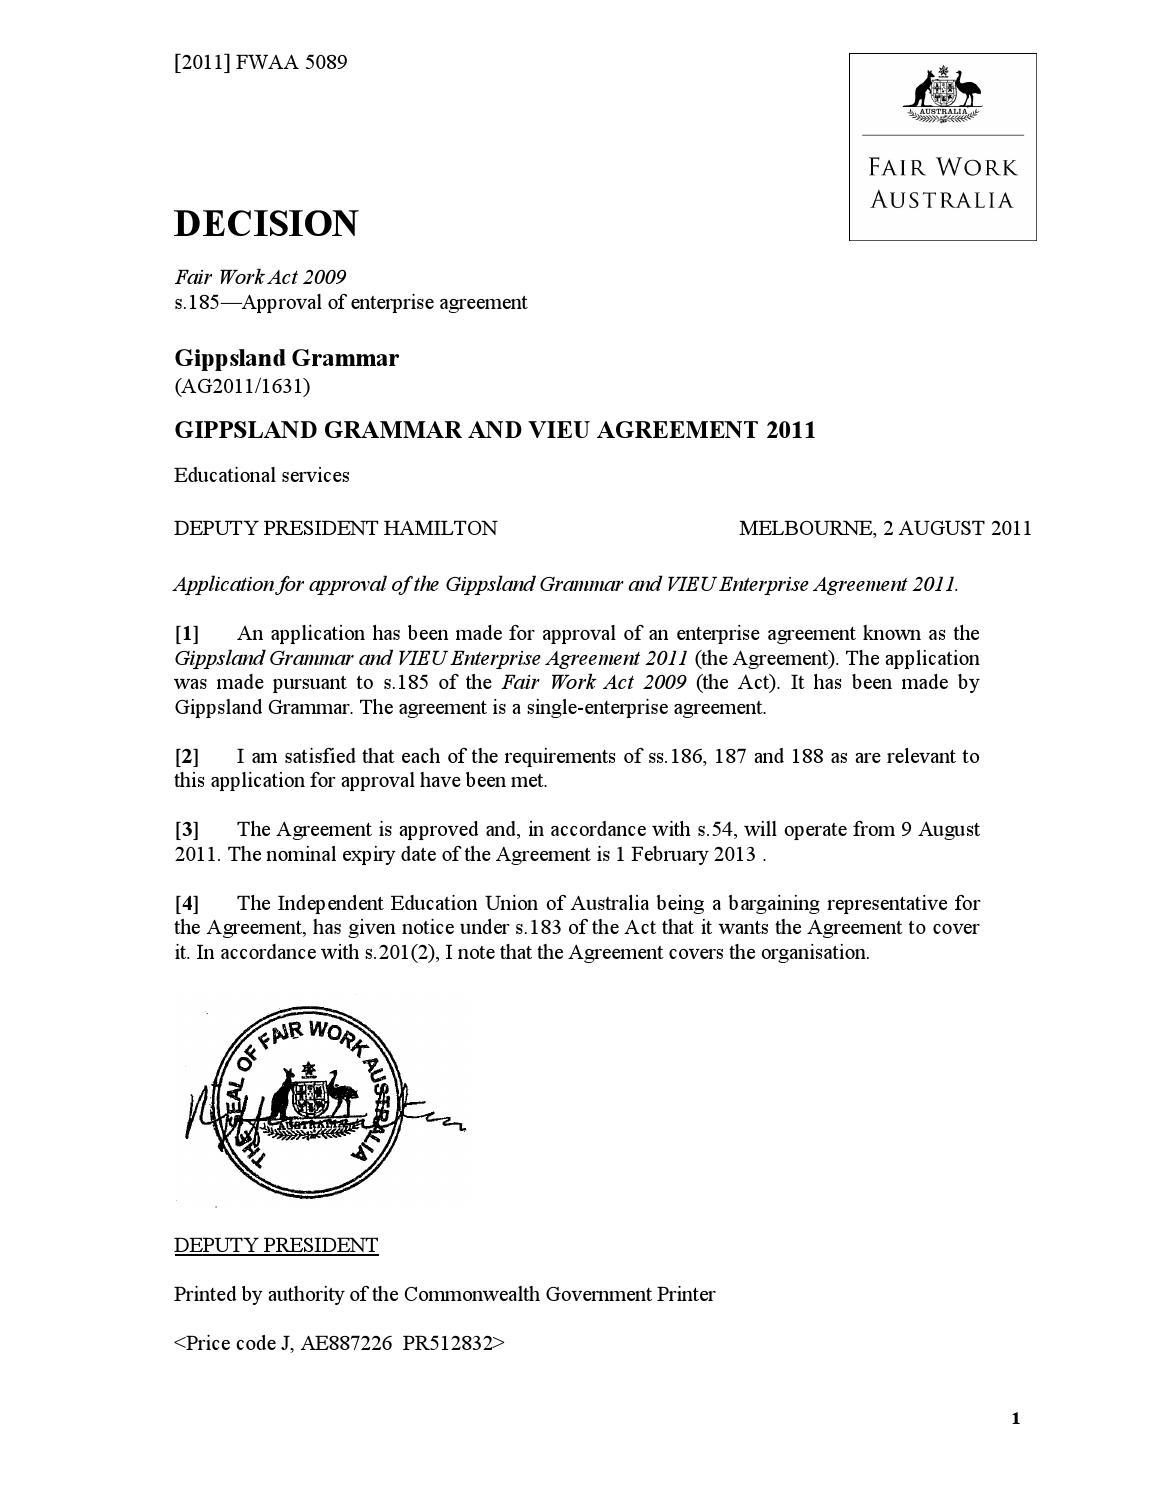 Gippsland Grammar Agreement 2011 By Ieu Vic Tas Issuu